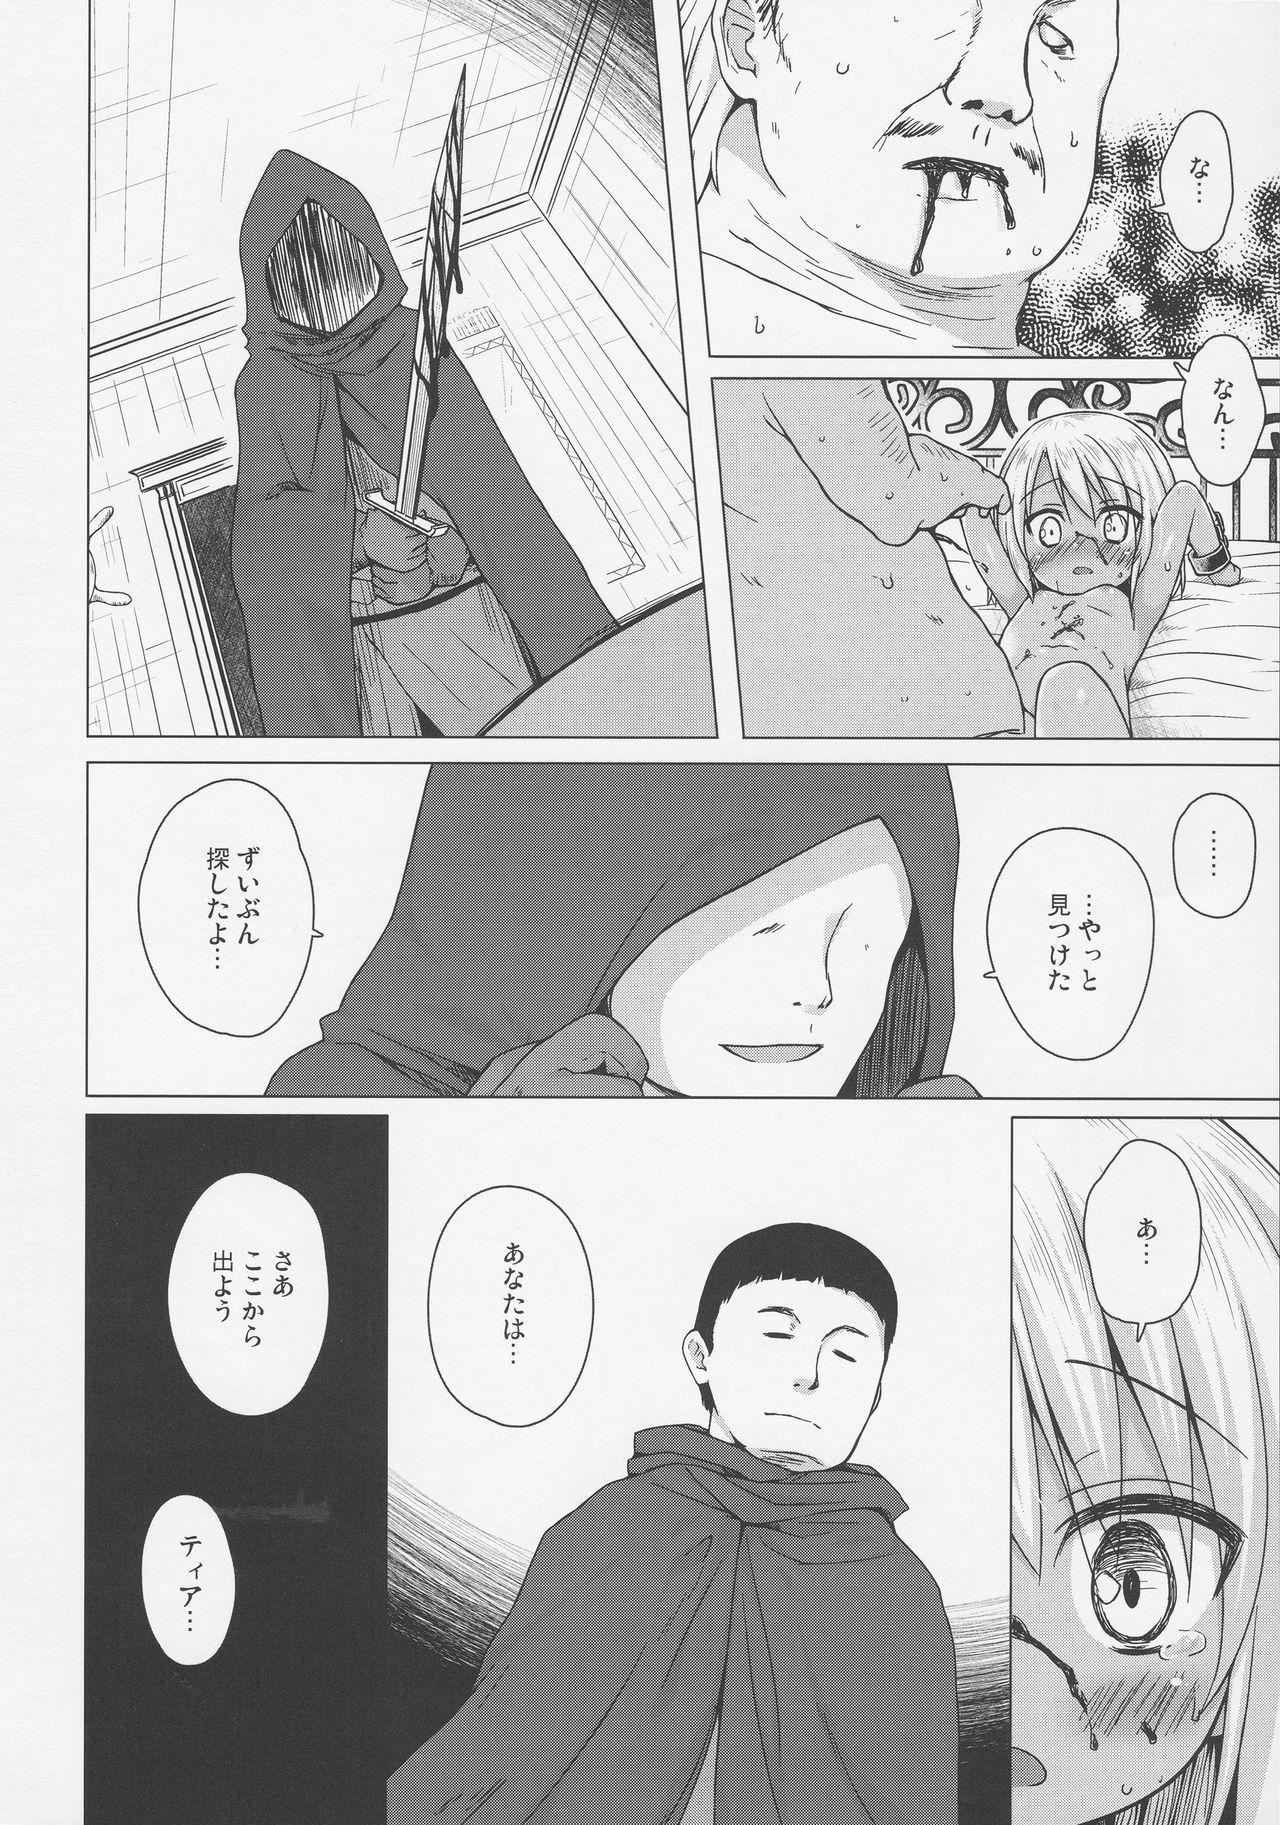 Namida no Hana no Saku Tokoro 2 18